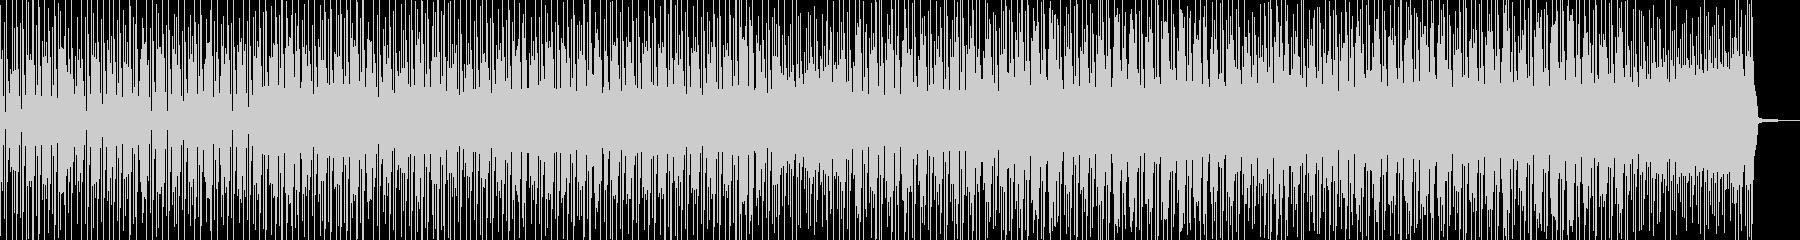 徐々に賑わう動画に・2部構成ポップス Dの未再生の波形